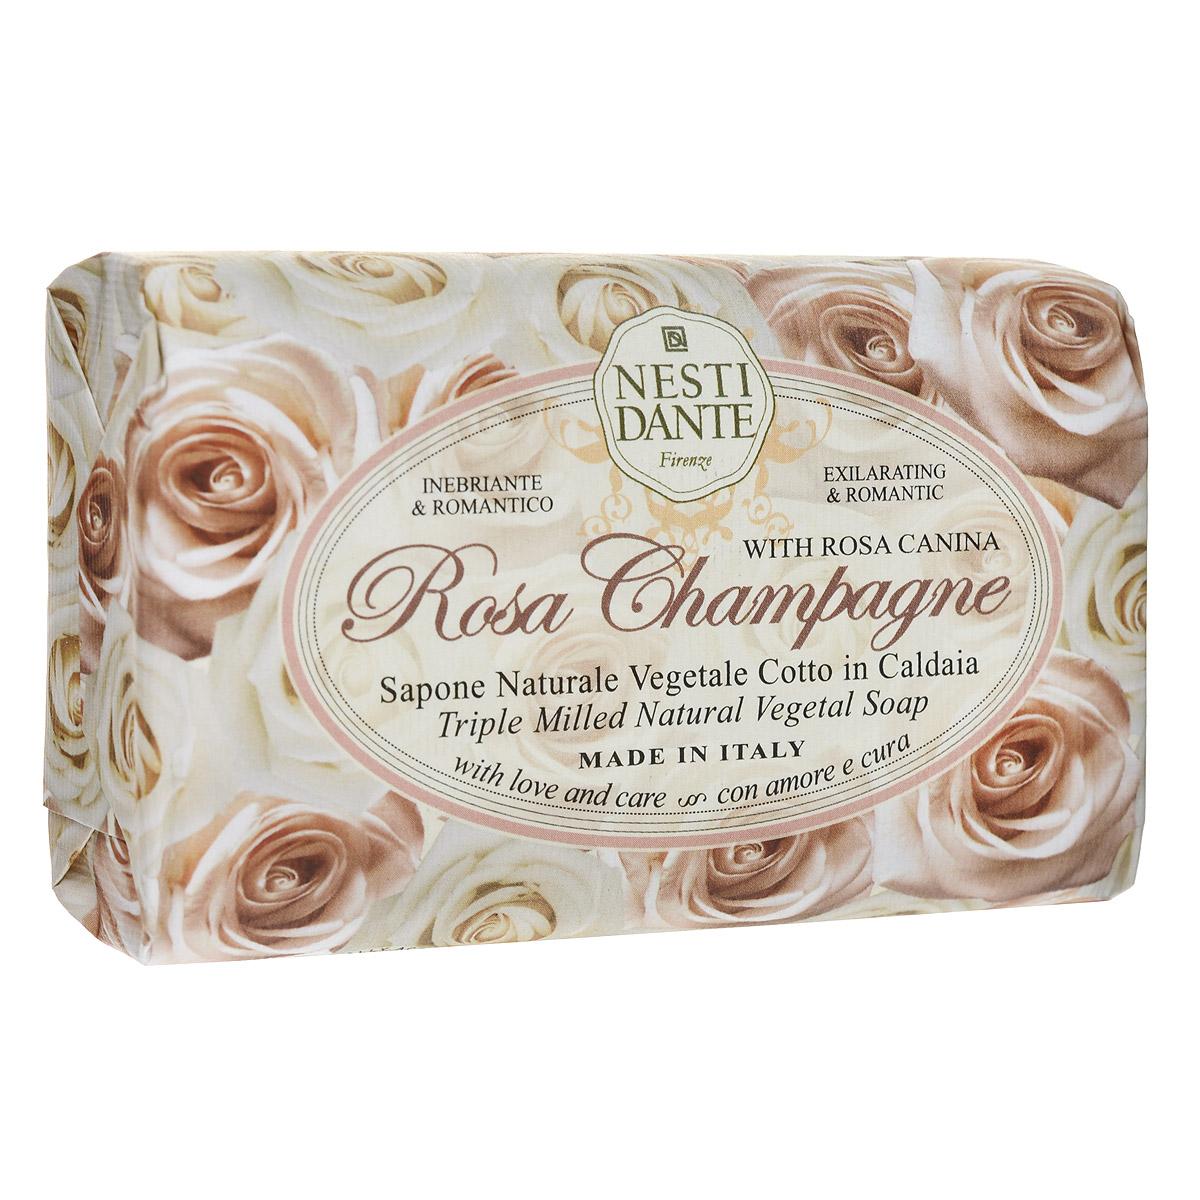 Nesti Dante Мыло Rose Champagne, 150 г1323106Мыло Nesti Dante Rose Champagne - увлажняющее мыло с ароматом нежных, как шелк, лепестков розы. Характеристики: Вес: 150 г. Артикул: 1323106. Производитель: Италия. Товар сертифицирован.